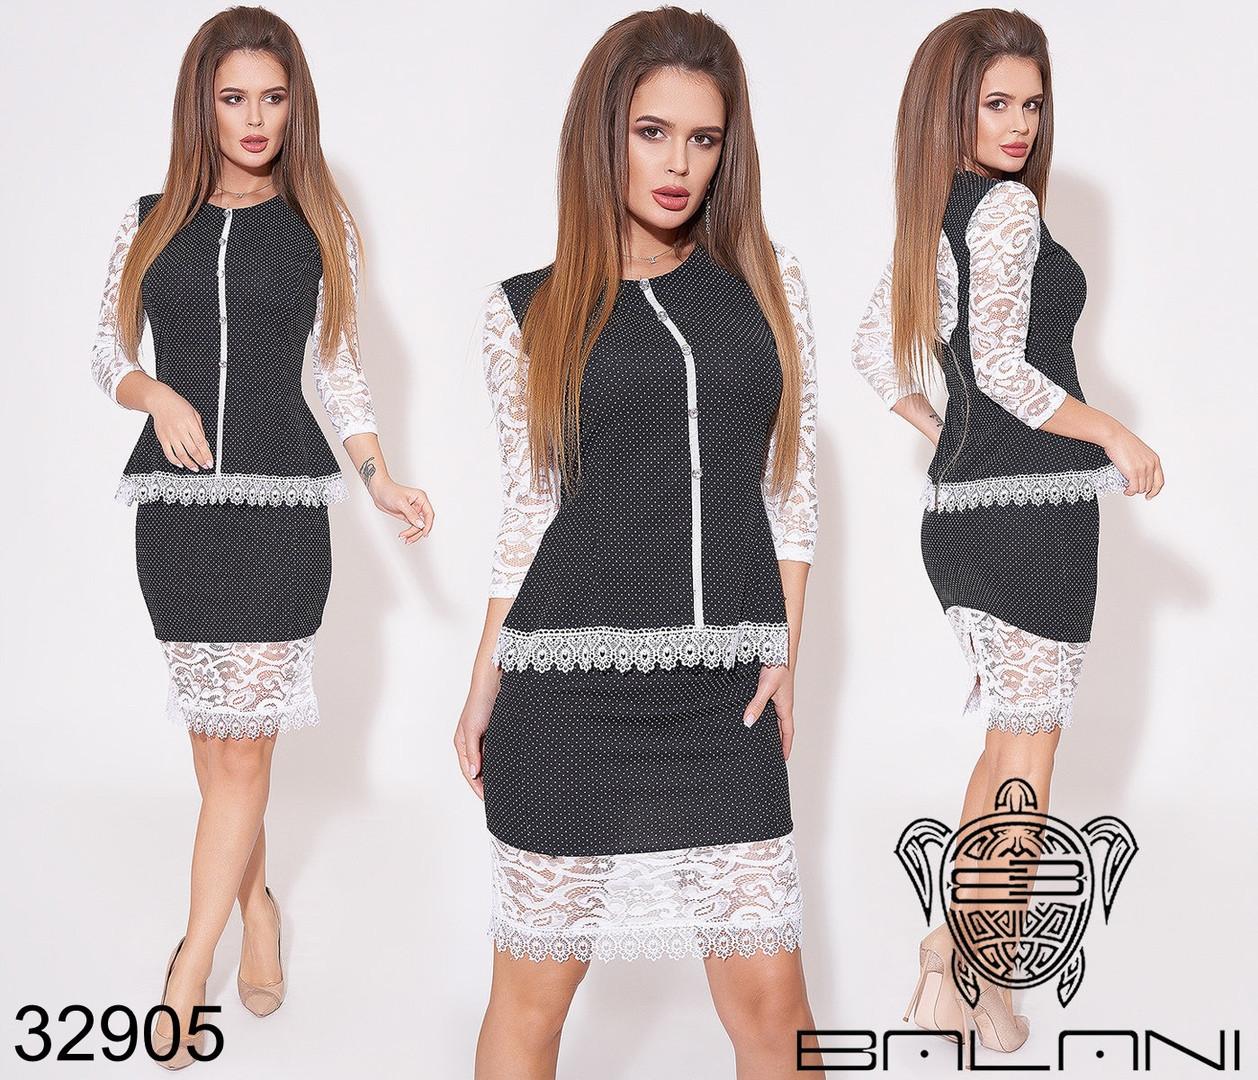 Женский юбочный костюм  размеры: 42-46